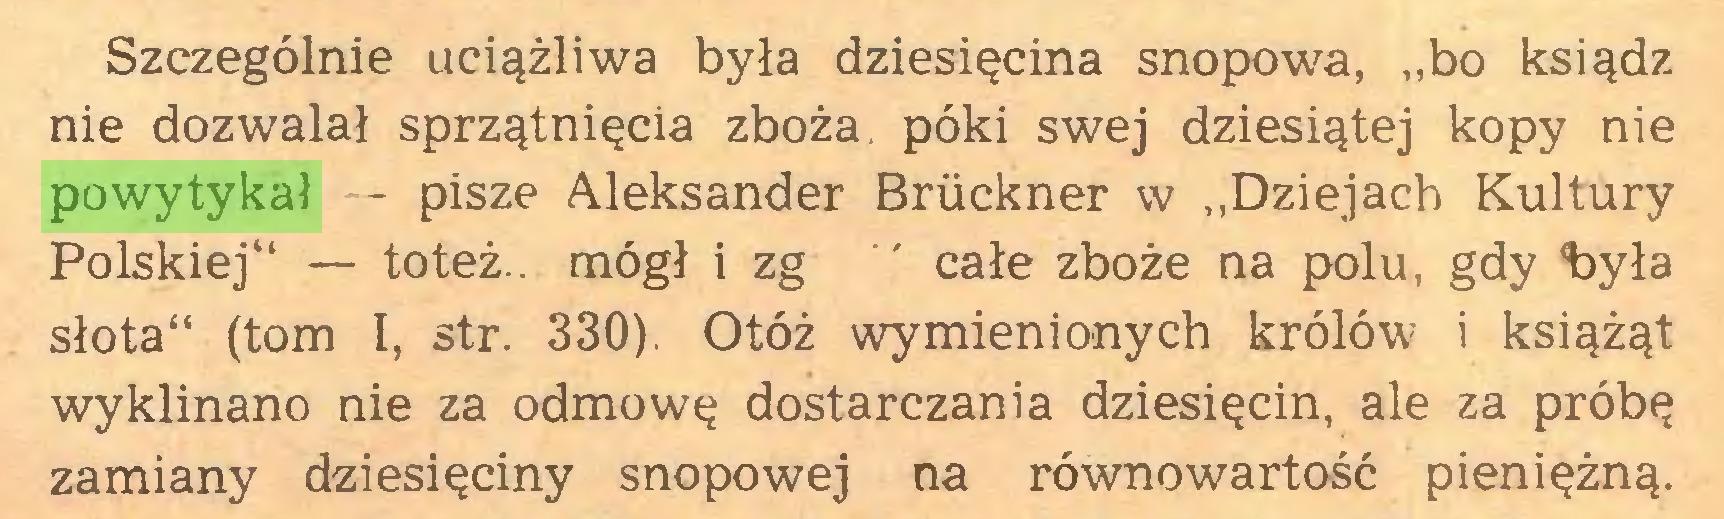 """(...) Szczególnie uciążliwa była dziesięcina snopowa, """"bo ksiądz nie dozwalał sprzątnięcia zboża, póki swej dziesiątej kopy nie powytykał - pisze Aleksander Bruckner w """"Dziejach Kultury Polskiej"""" — toteż., mógł i zg ' całe zboże na polu, gdy 'była słota"""" (tom I, str. 330). Otóż wymienionych królów i książąt wyklinano nie za odmowę dostarczania dziesięcin, ale za próbę zamiany dziesięciny snopowej na równowartość pieniężną..."""